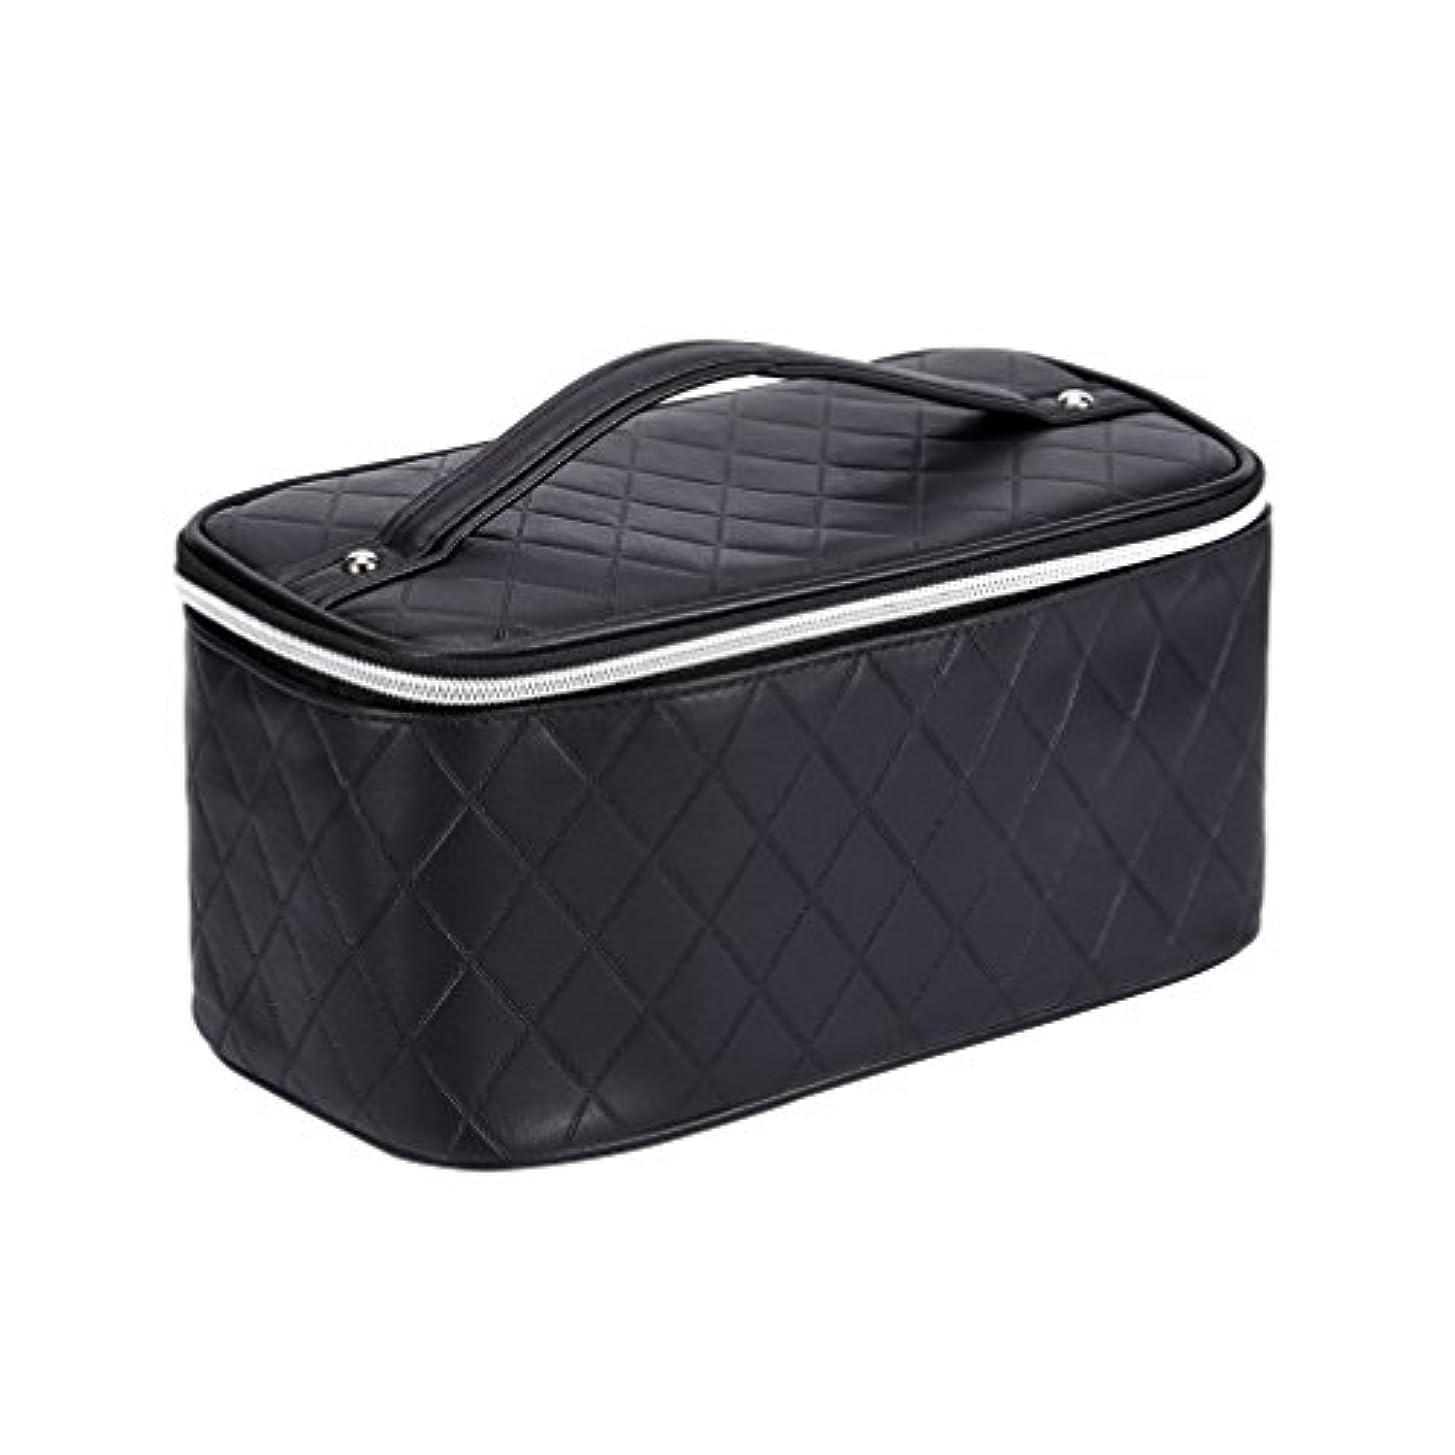 HOYOFO 化粧ポーチ バニティケース 大容量 ブラシ入れ付き 旅行 化粧品 コスメ収納 小物入れ メイクポーチ 多機能 雑貨 ブラック